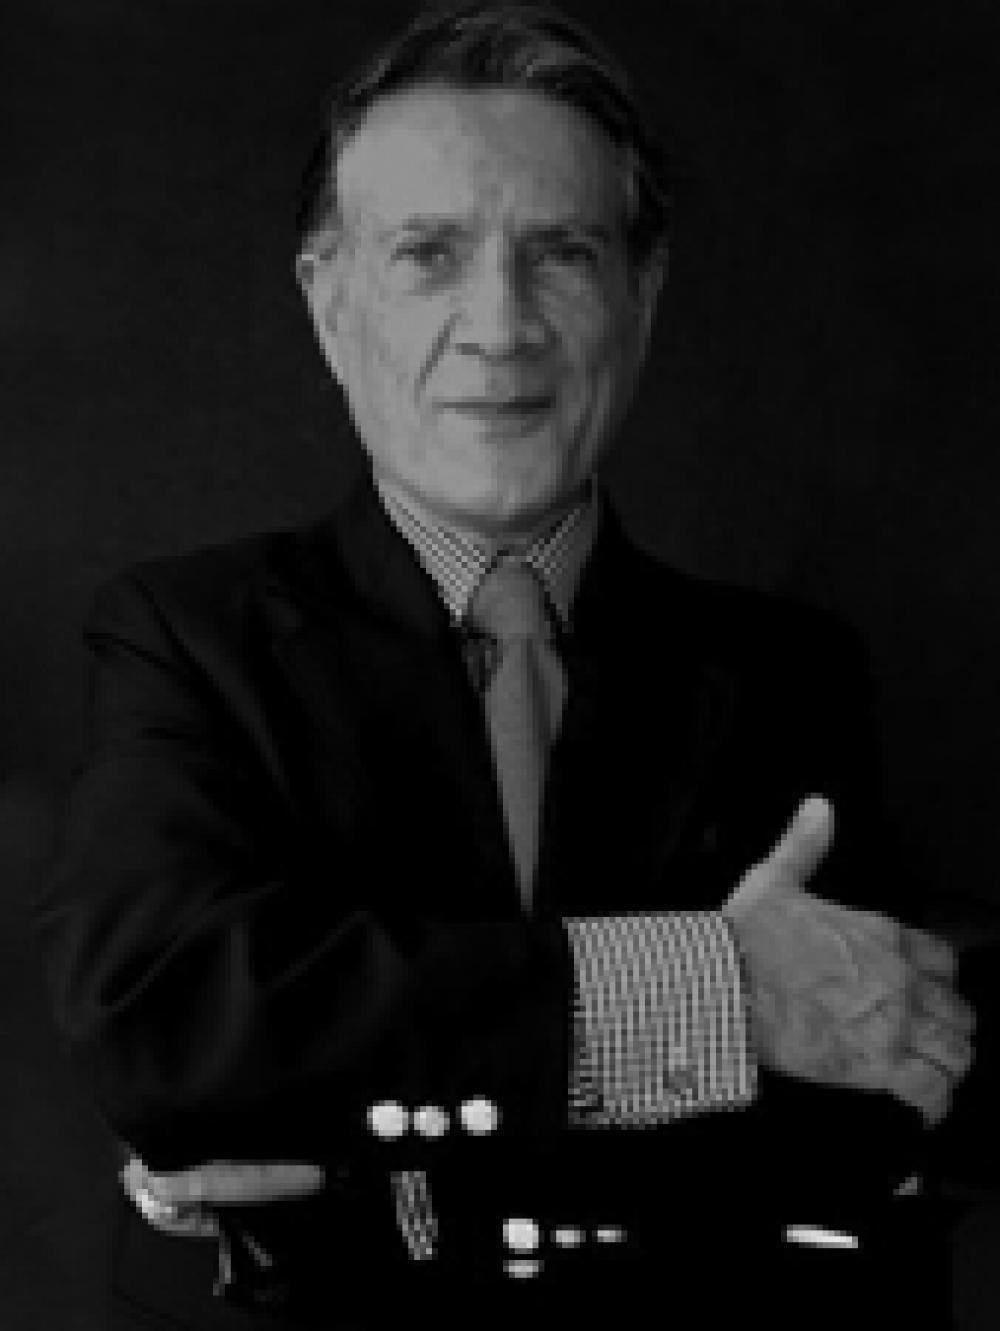 کیوان خسروانی، آرشیتکت و متخصص مرمت آثار باستانی